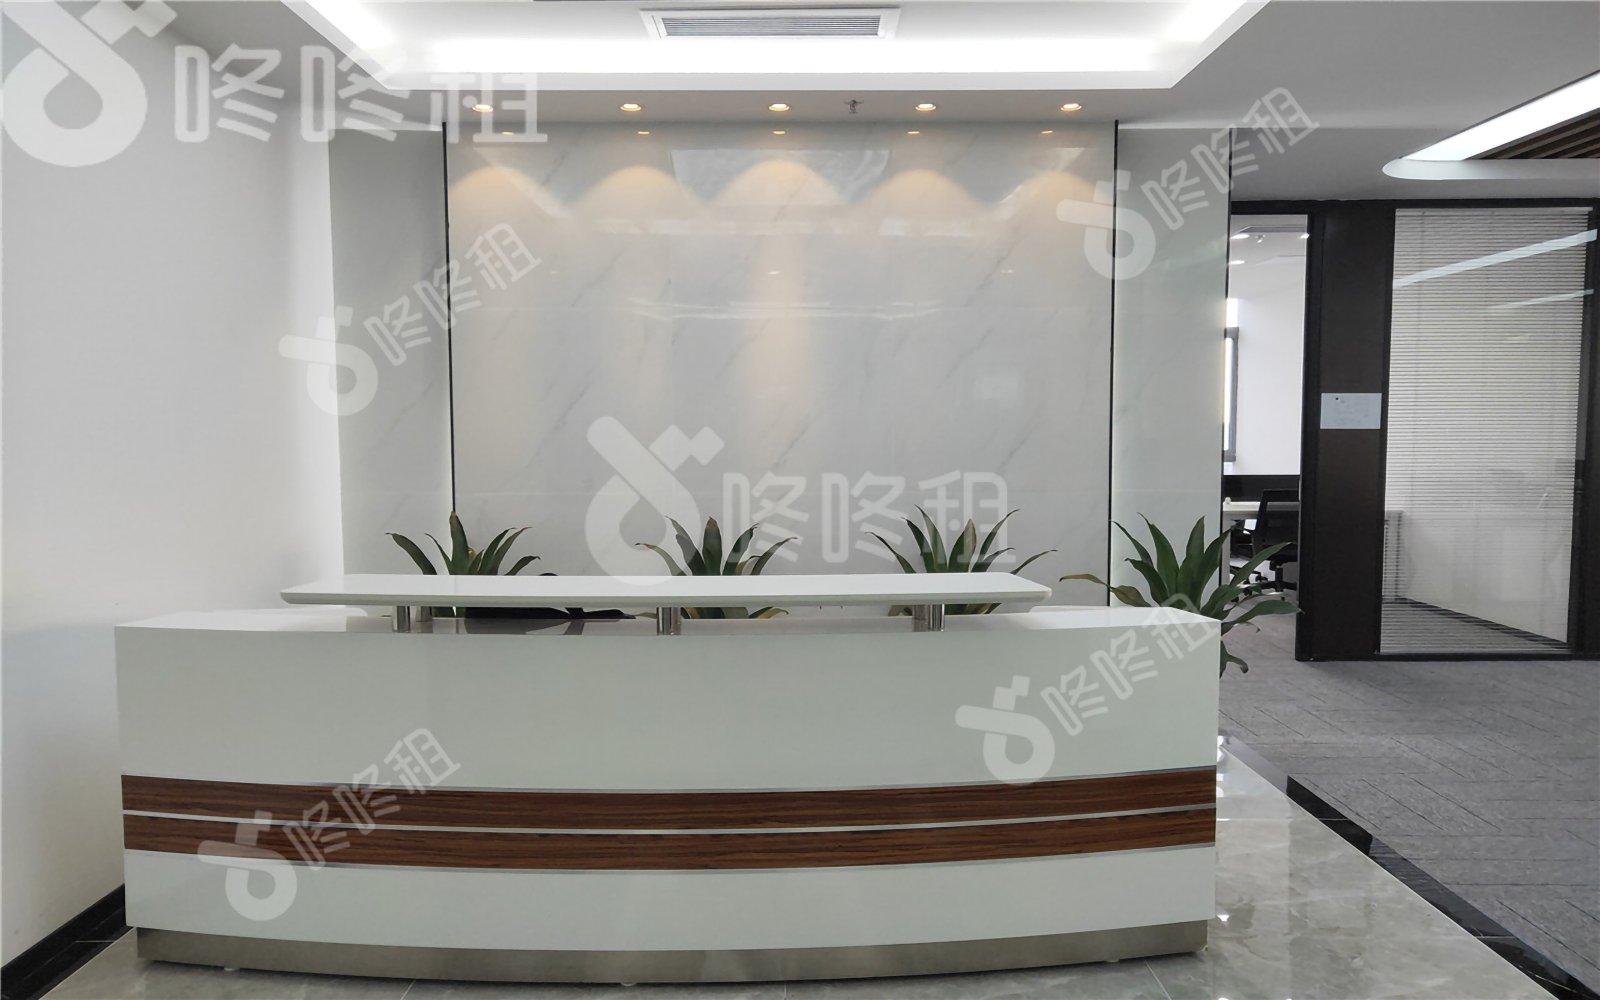 中国地质大学产学研基地